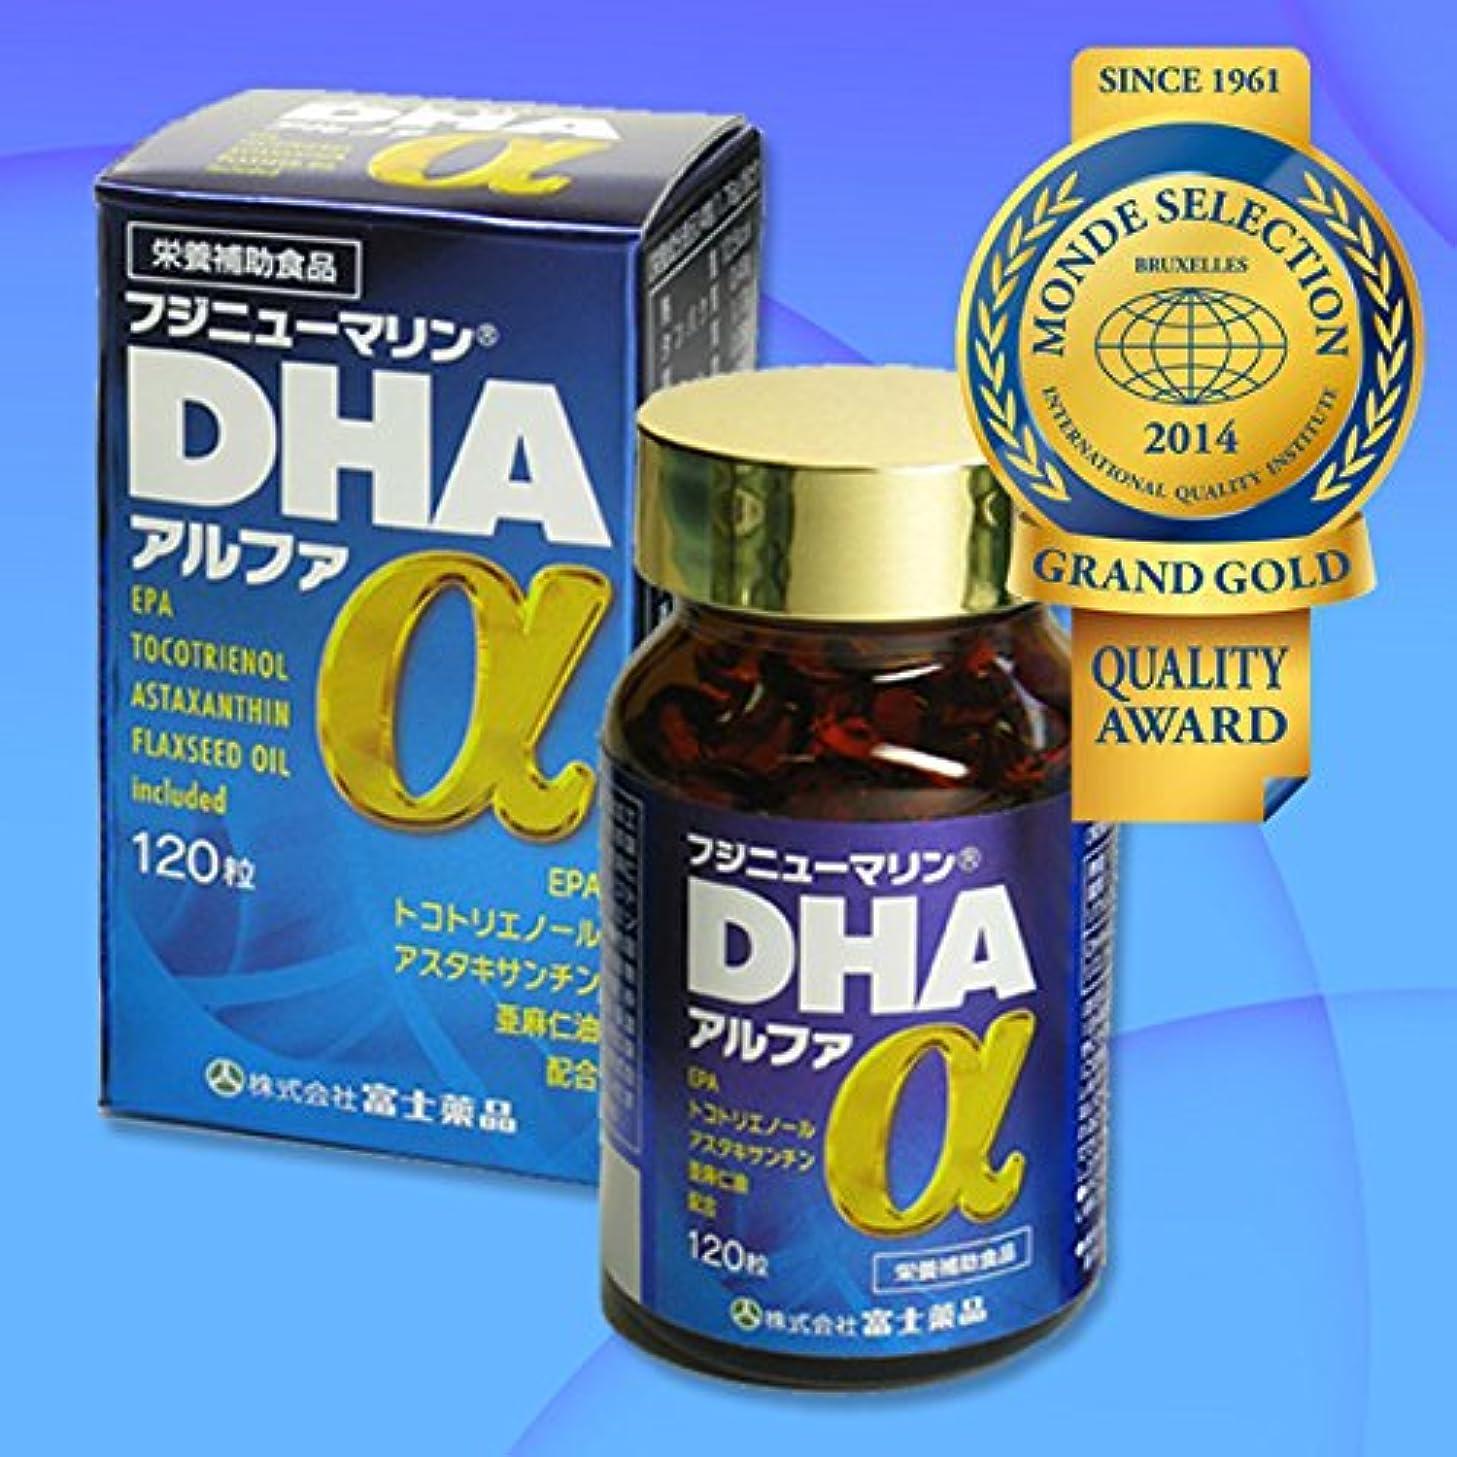 こどもの宮殿情報センター富士薬品 DHA&EPAフジニューマリンDHAα 120粒入り